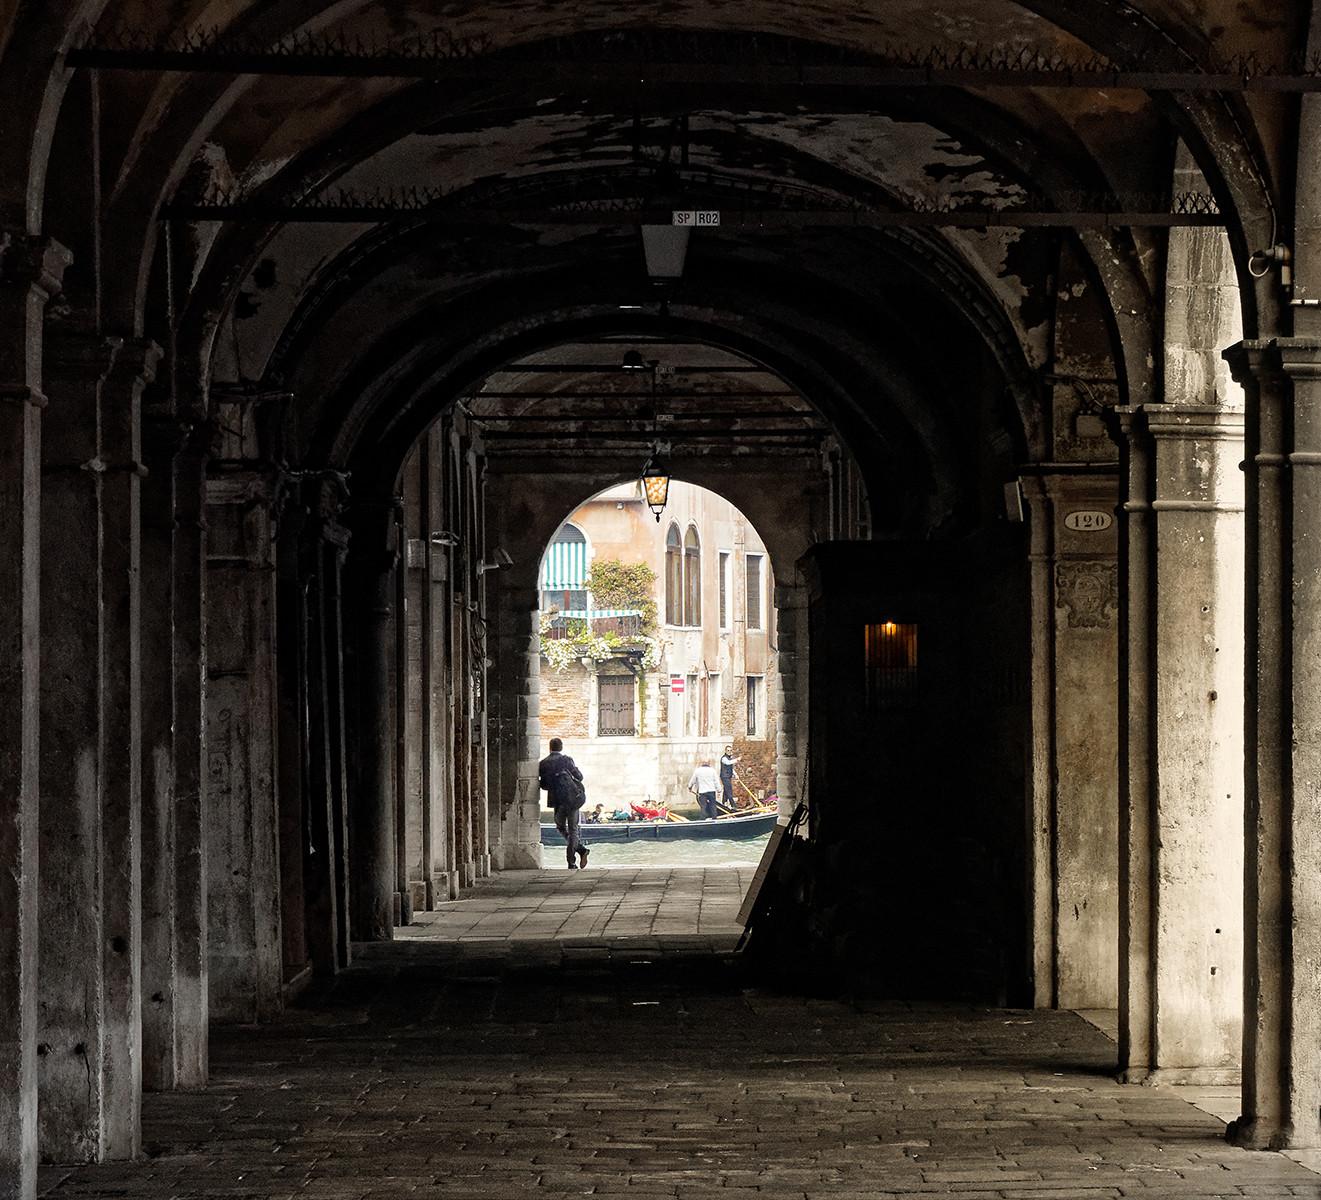 PDI - Venice Scene by William Allen (8 marks)